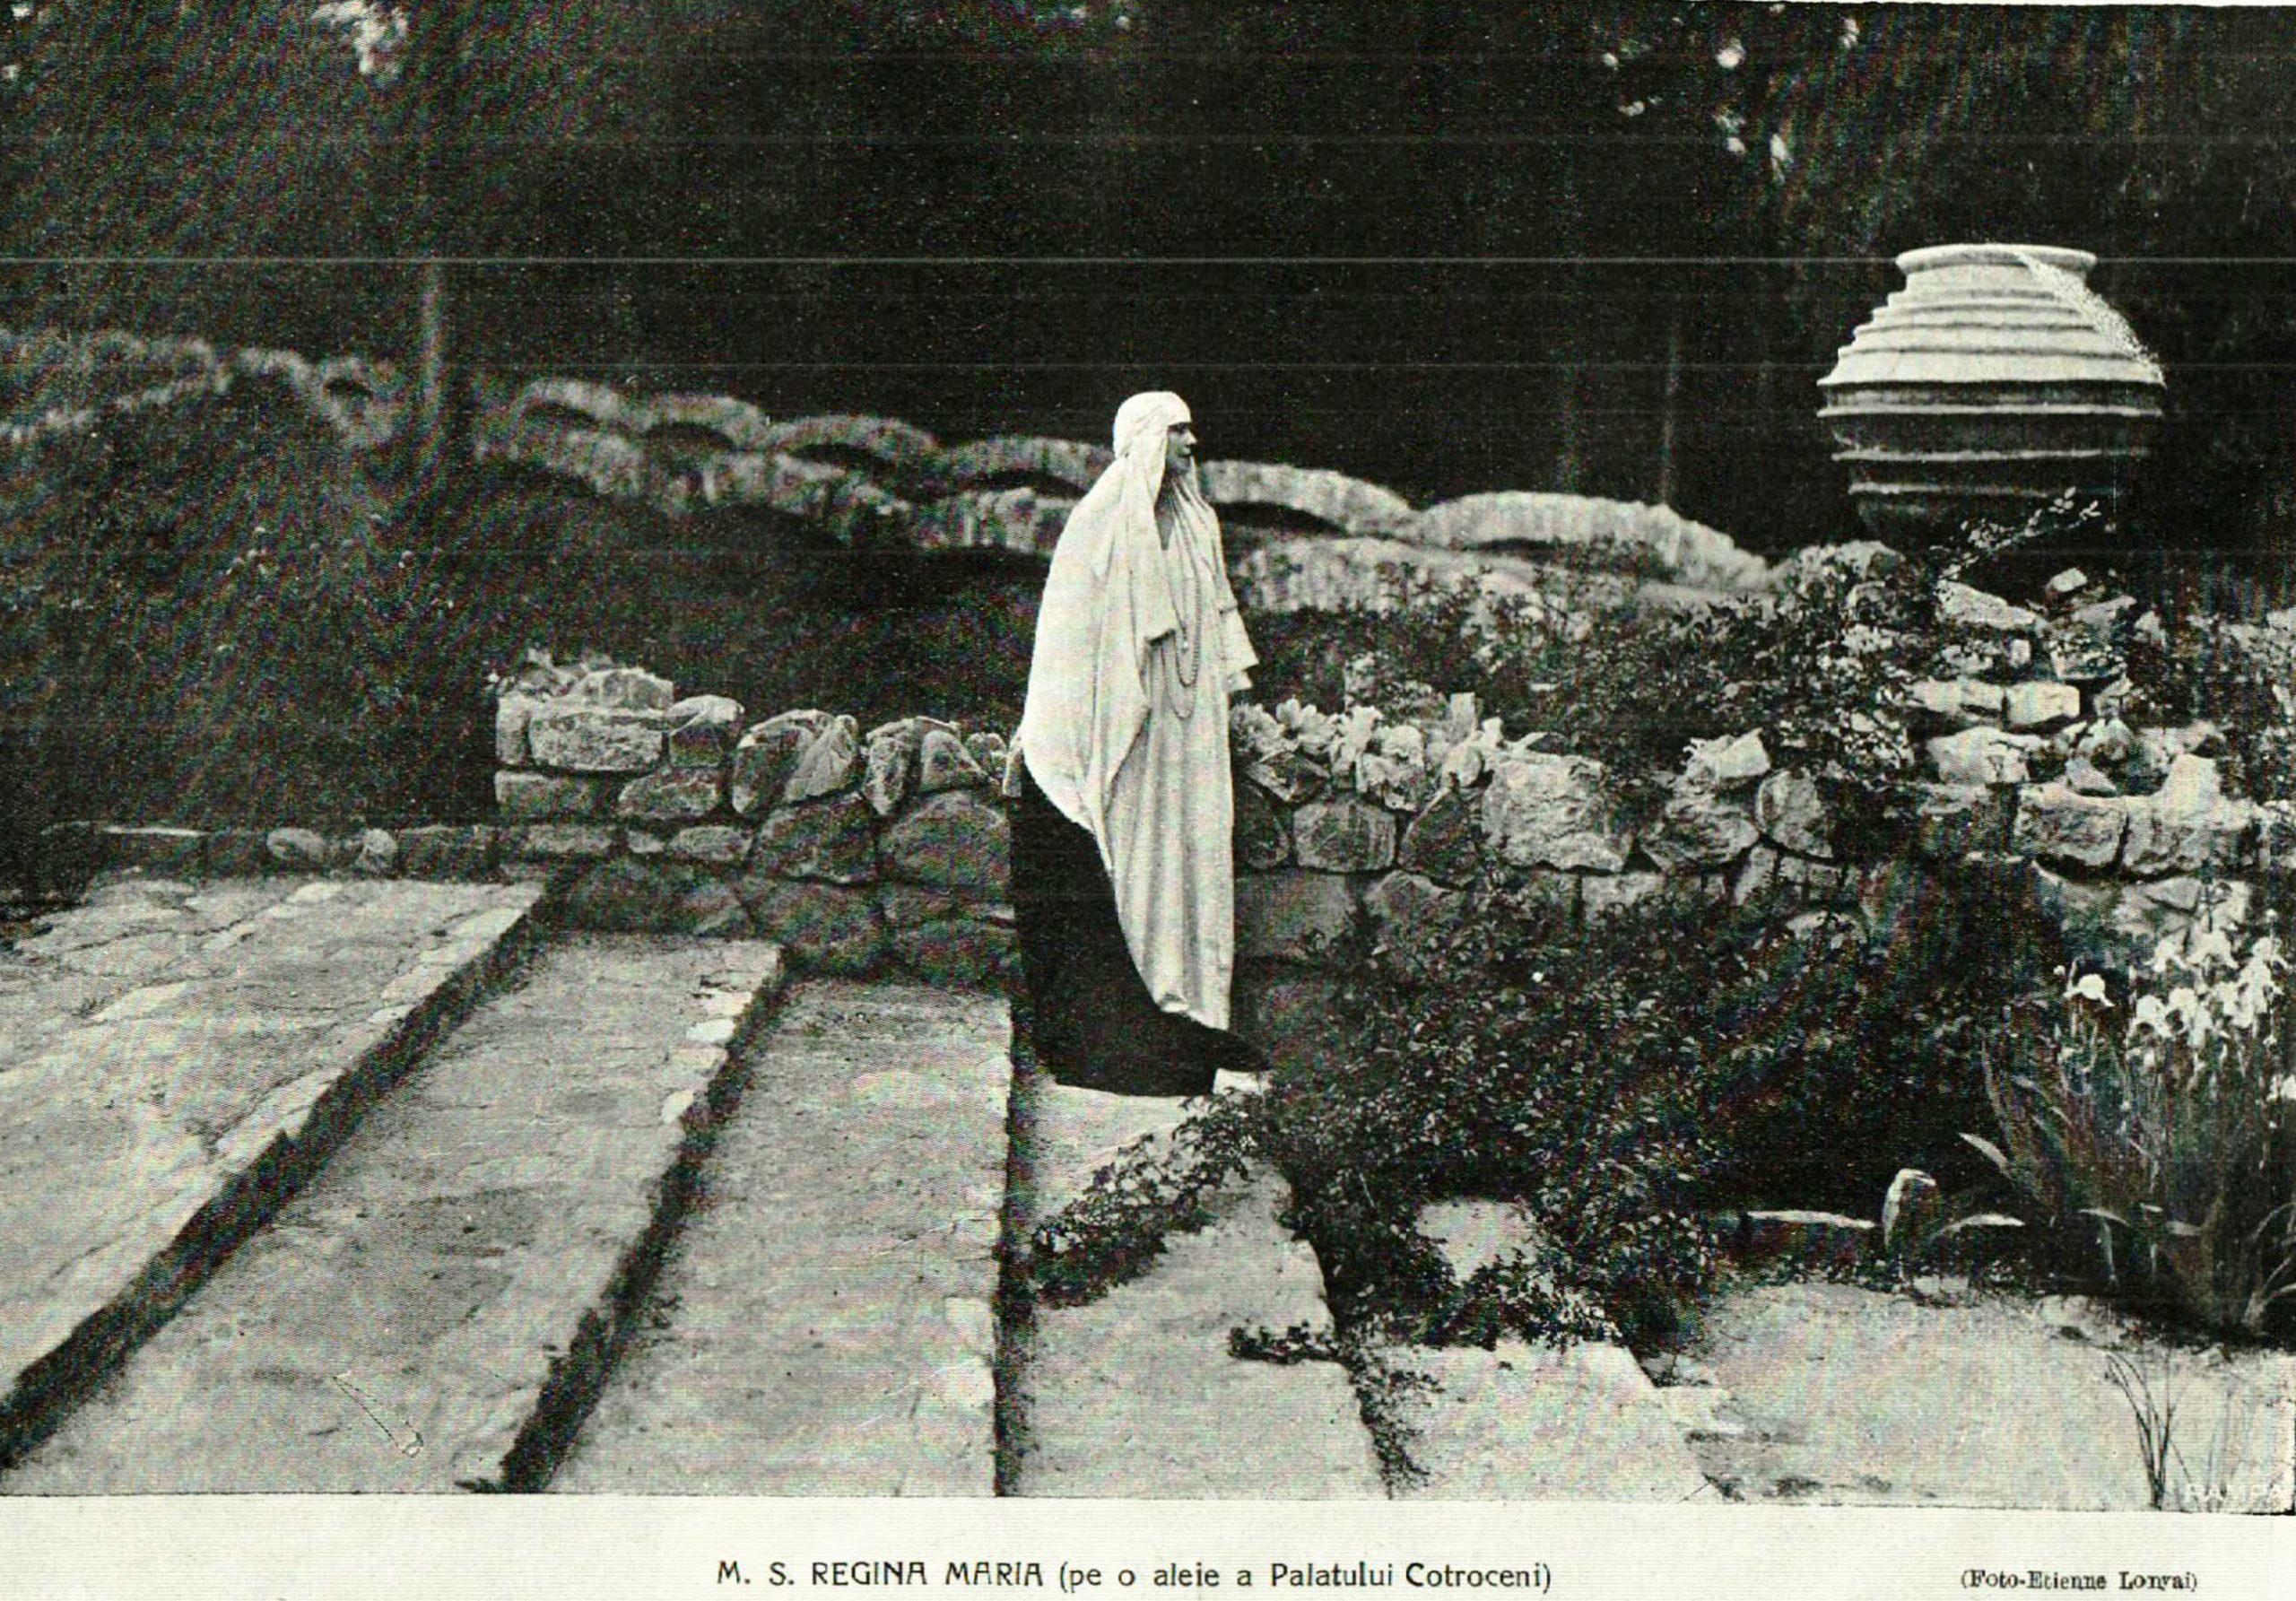 Regina Maria in Parcul Palatului Cotroceni anul 1925 revista Ilustrata, poze regaliste Etienne Lonyai